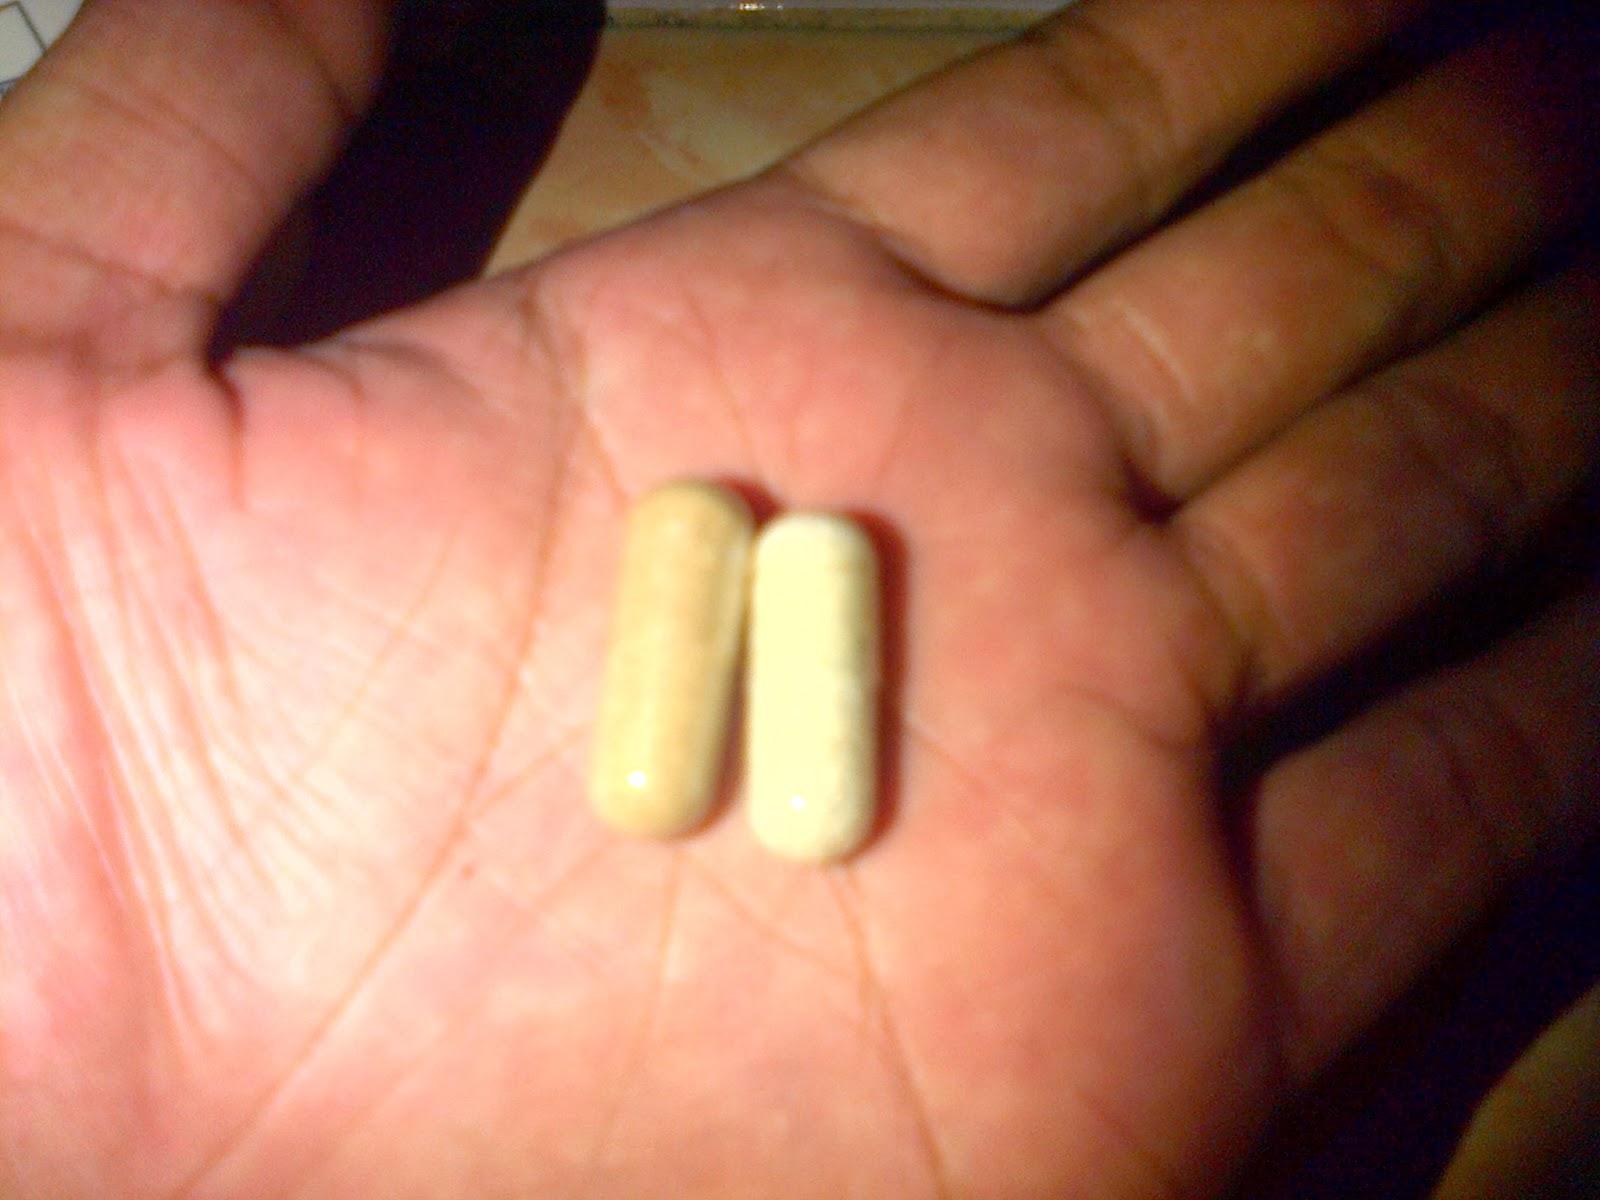 Vimax Herbal Pills Canada asli disebelah kiri yang berwarna hijau kecoklatan beraroma seperti jamu